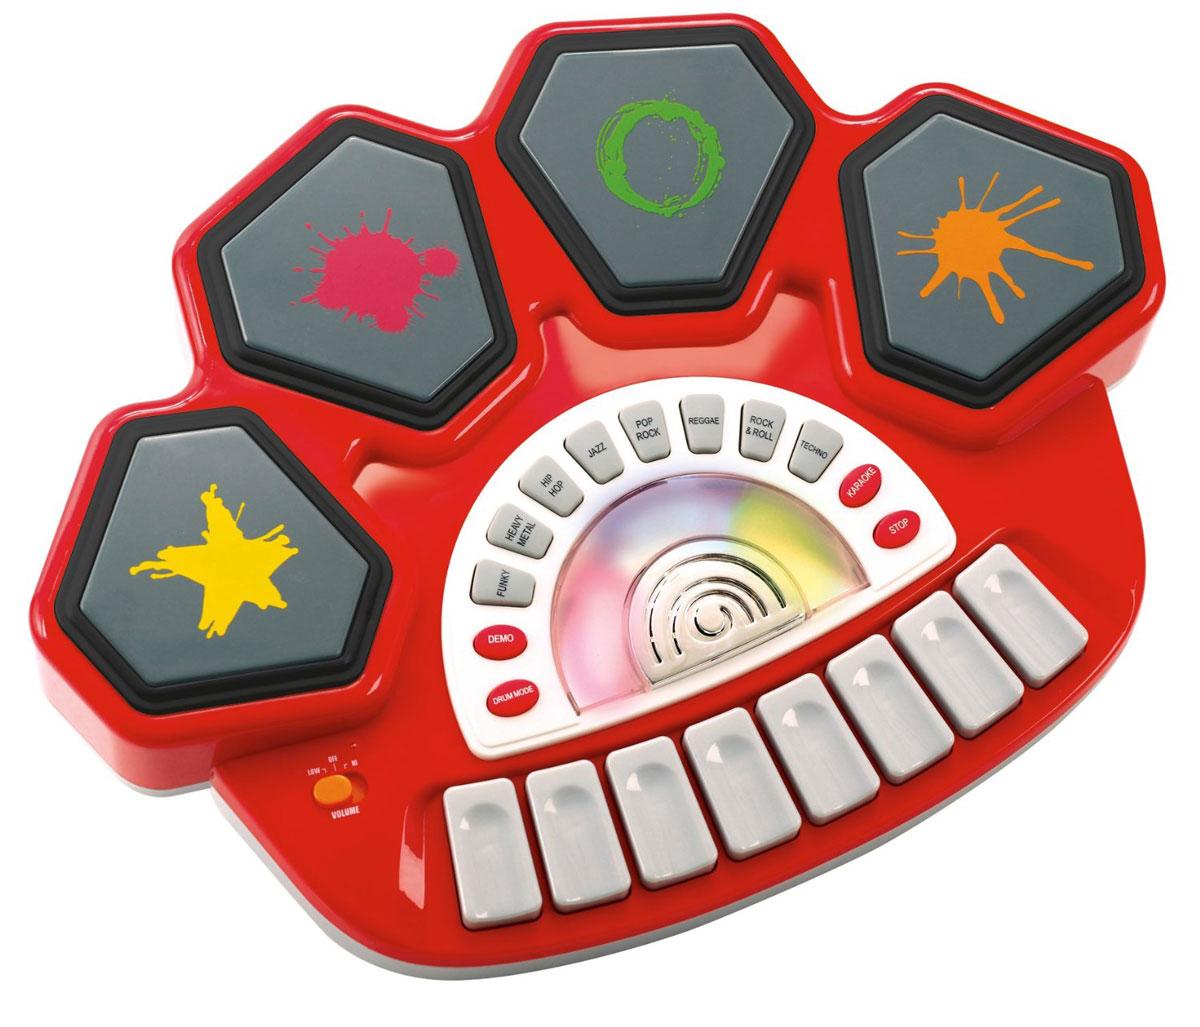 Playgo Электронный барабан Rockstar Drum StationPlay 4385Электронный барабан Playgo Rockstar Drum Station - это замечательный музыкальный инструмент для вашего ребенка. В памяти барабана имеются разные режимы, и записанные мелодии, которые можно проиграть. Под барабанную дробь, ребенок будет изображать игру на барабане, как настоящий музыкант. А может сочинить свою мелодию и почувствовать себя настоящим рок-исполнителем. Эта игрушка будет способствовать развитию у малыша слуха, чувства ритма и музыкальной памяти, творческого и логического мышления, речи и навыков общения. Необходимо купить 3 батарейки напряжением 1,5V типа АА (не входят в комплект).